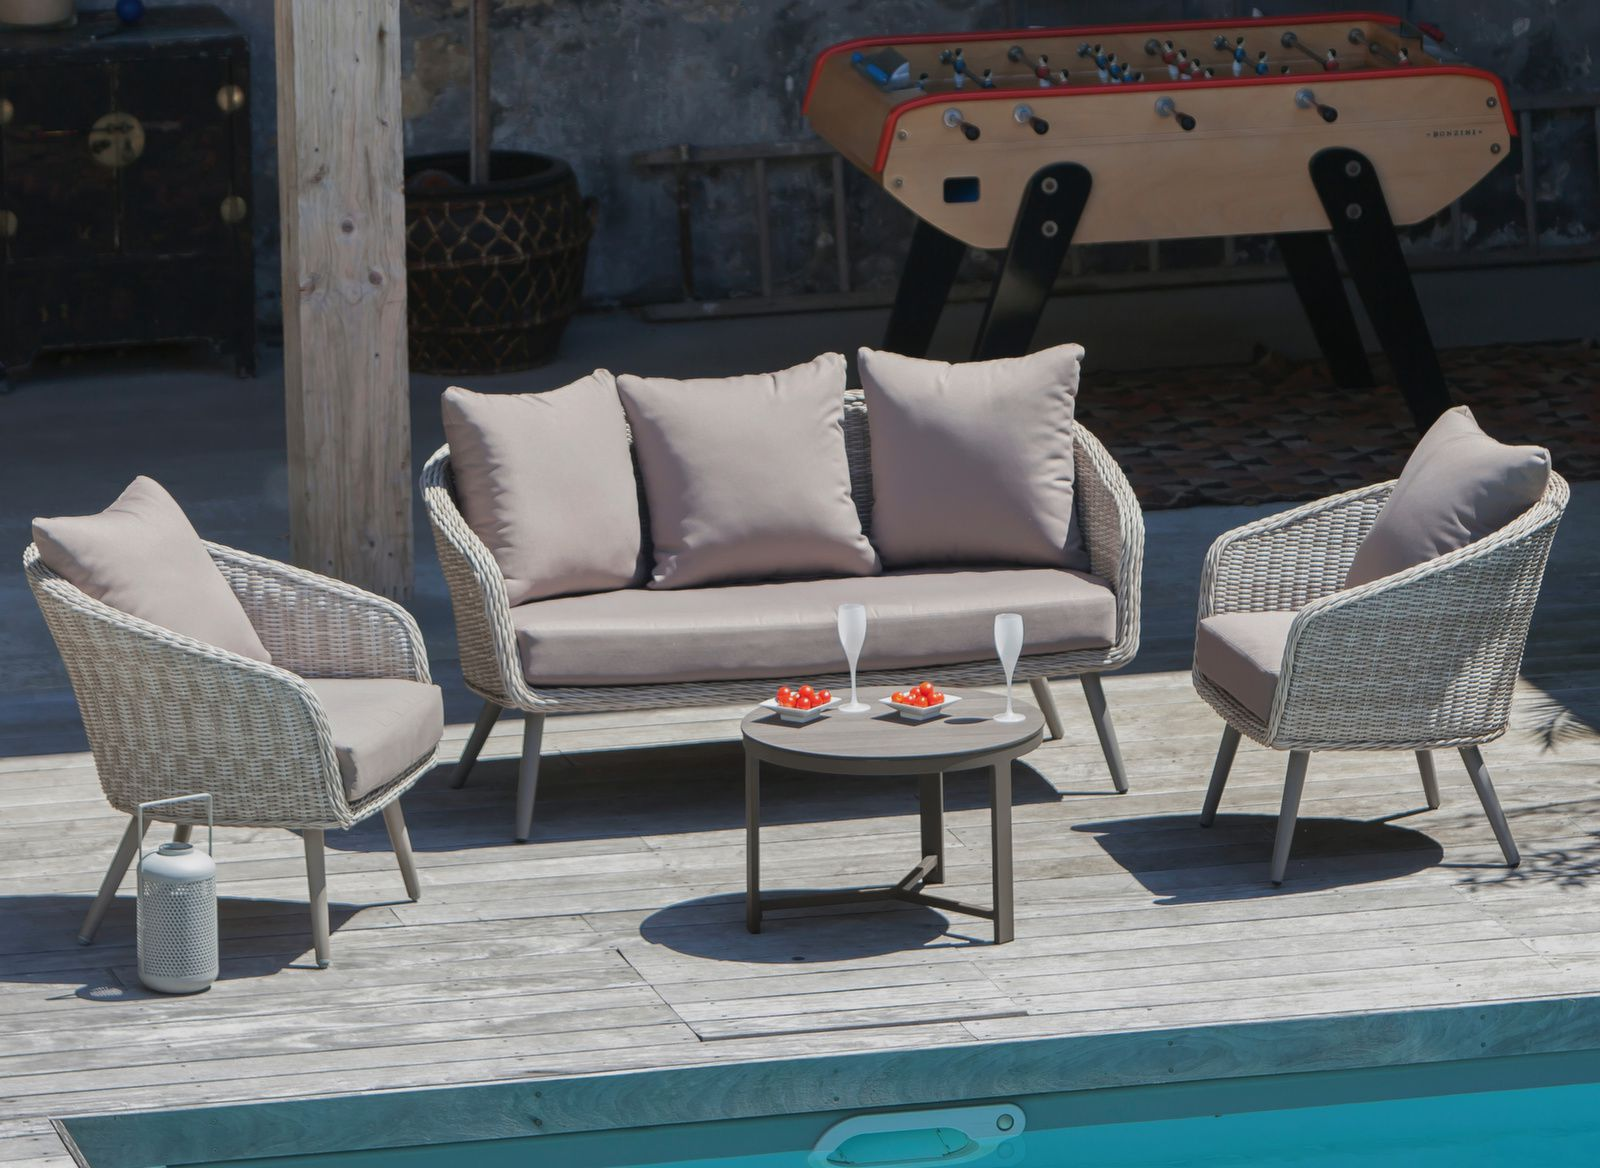 Salon de jardin Augusta - Canapé, fauteuils, table basse - Proloisirs